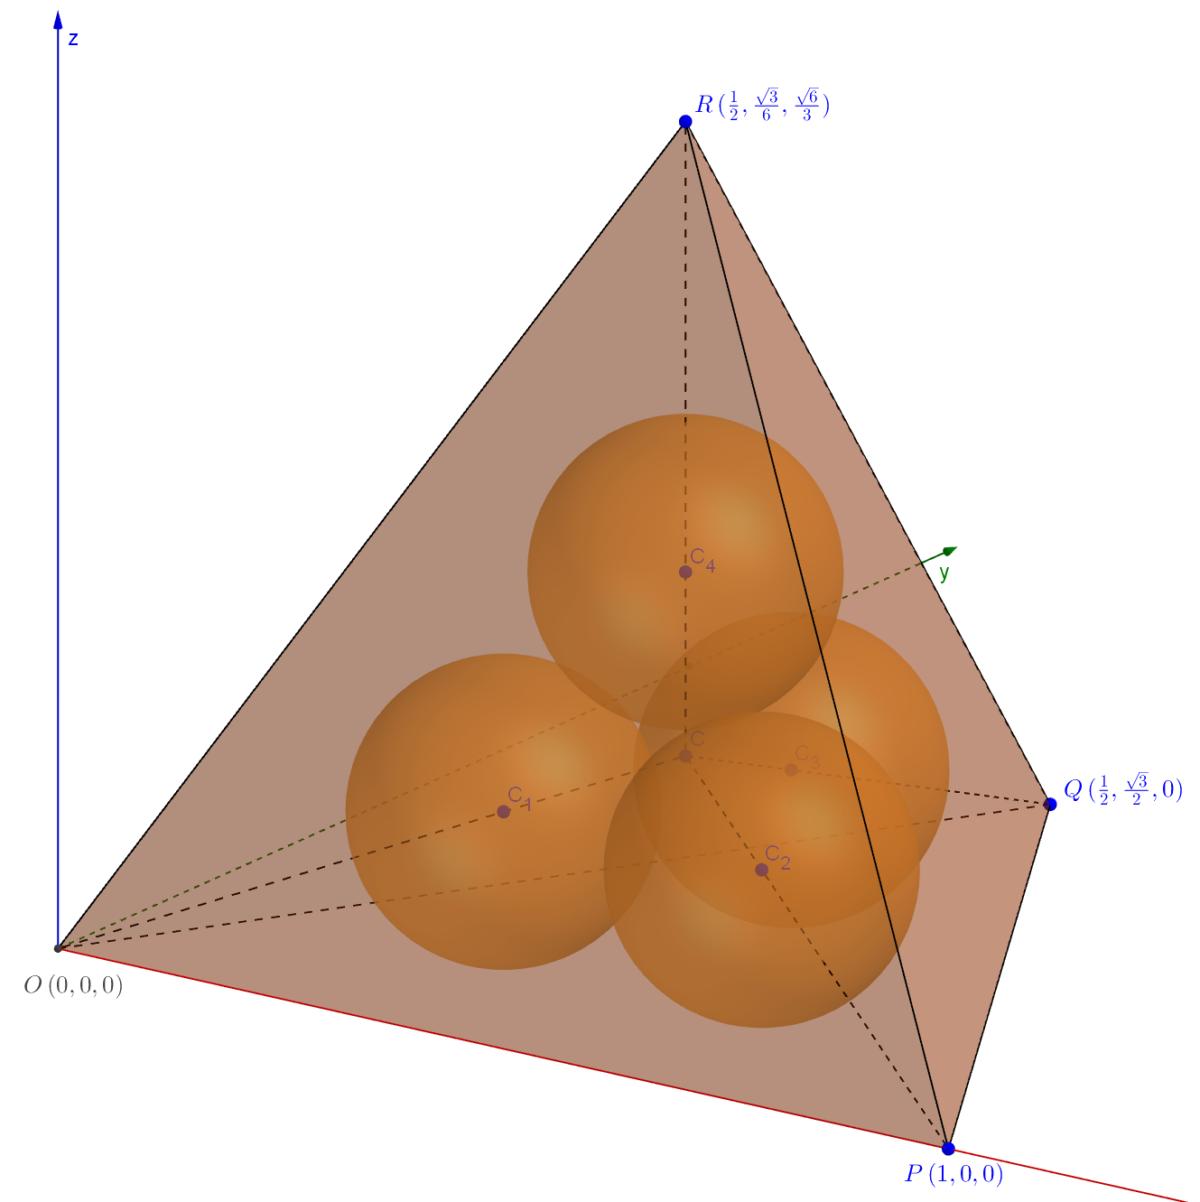 A tetrahedron puzzle